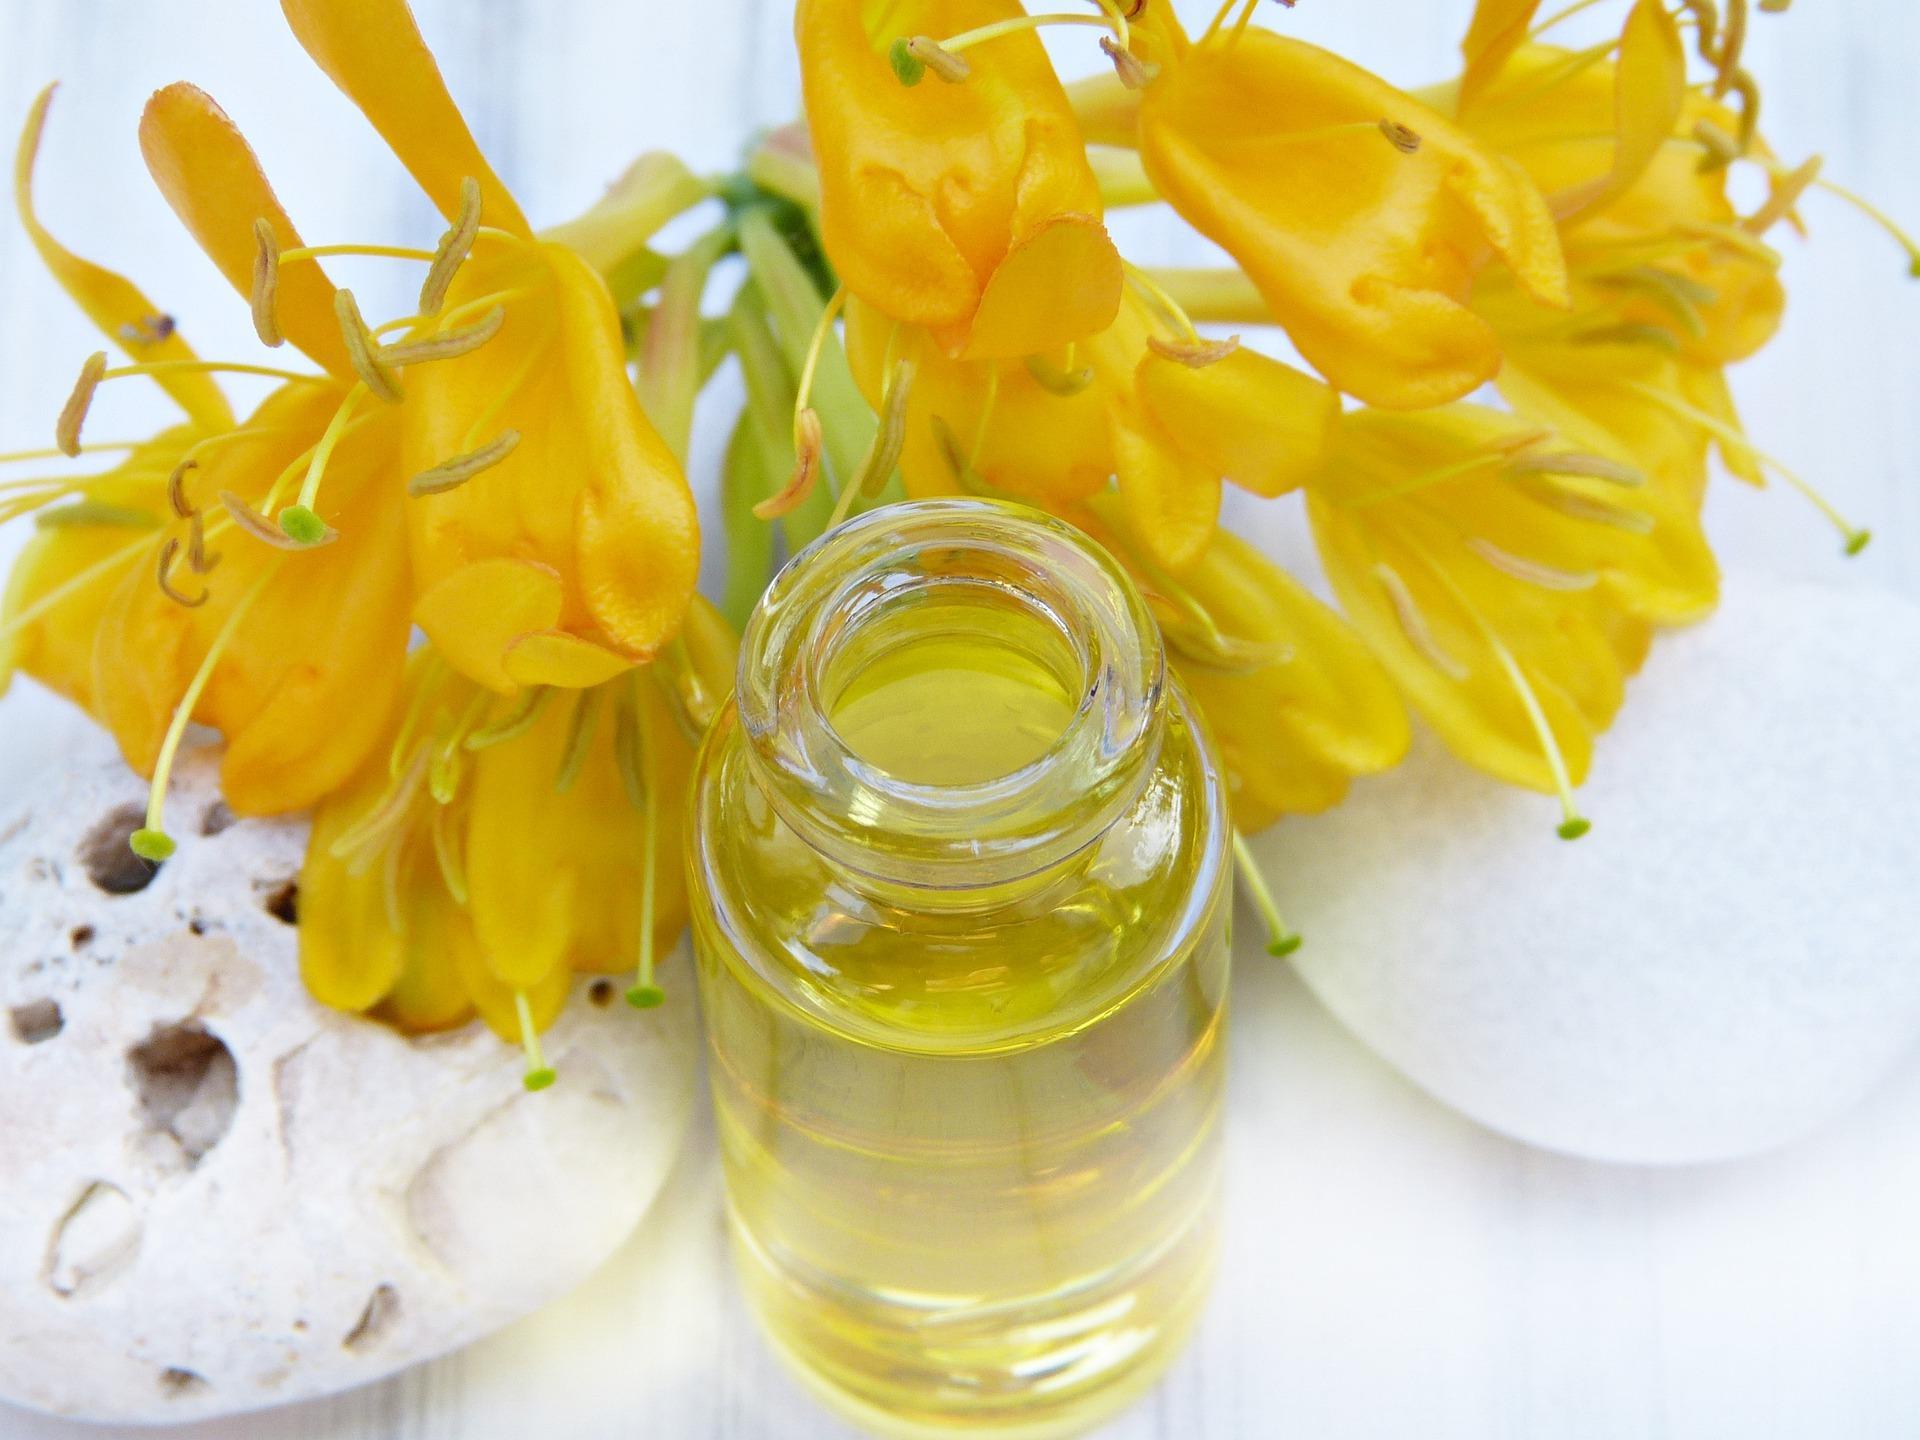 Das Öl der Jojoba-Pflanze wird gerne in Kosmetikprodukten verwendet.